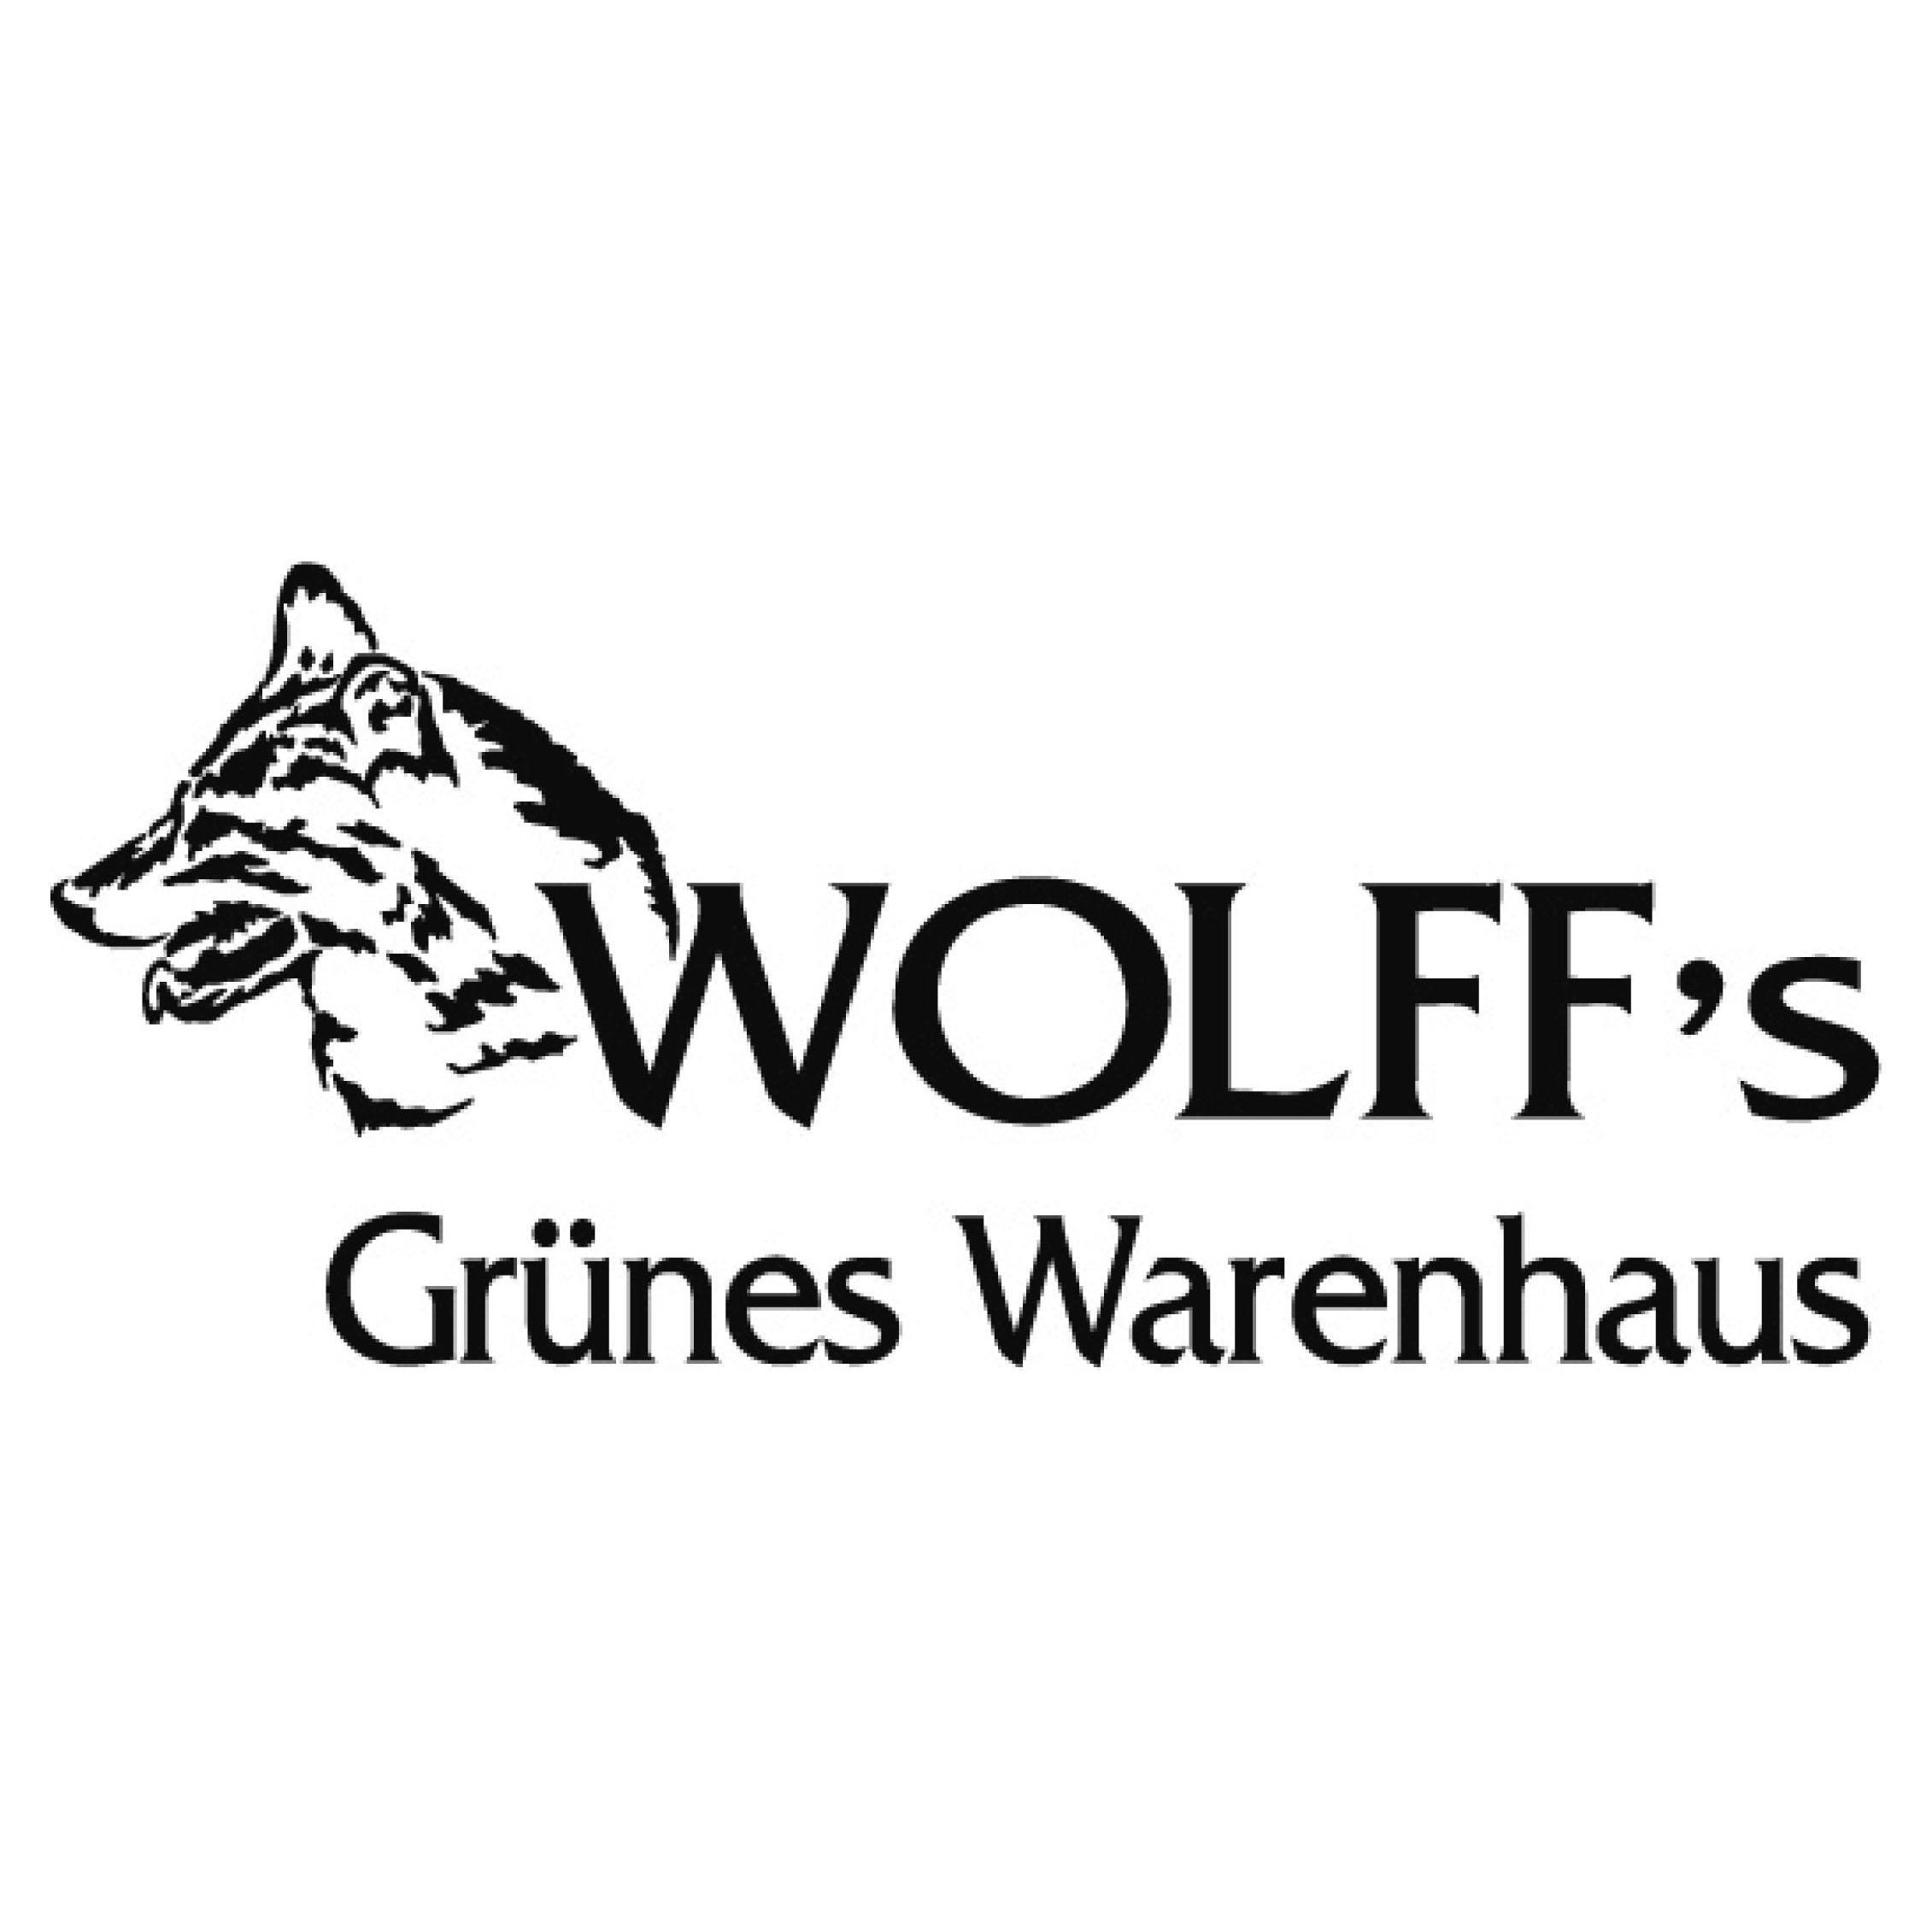 Logo von Wolff's Grünes Warenhaus